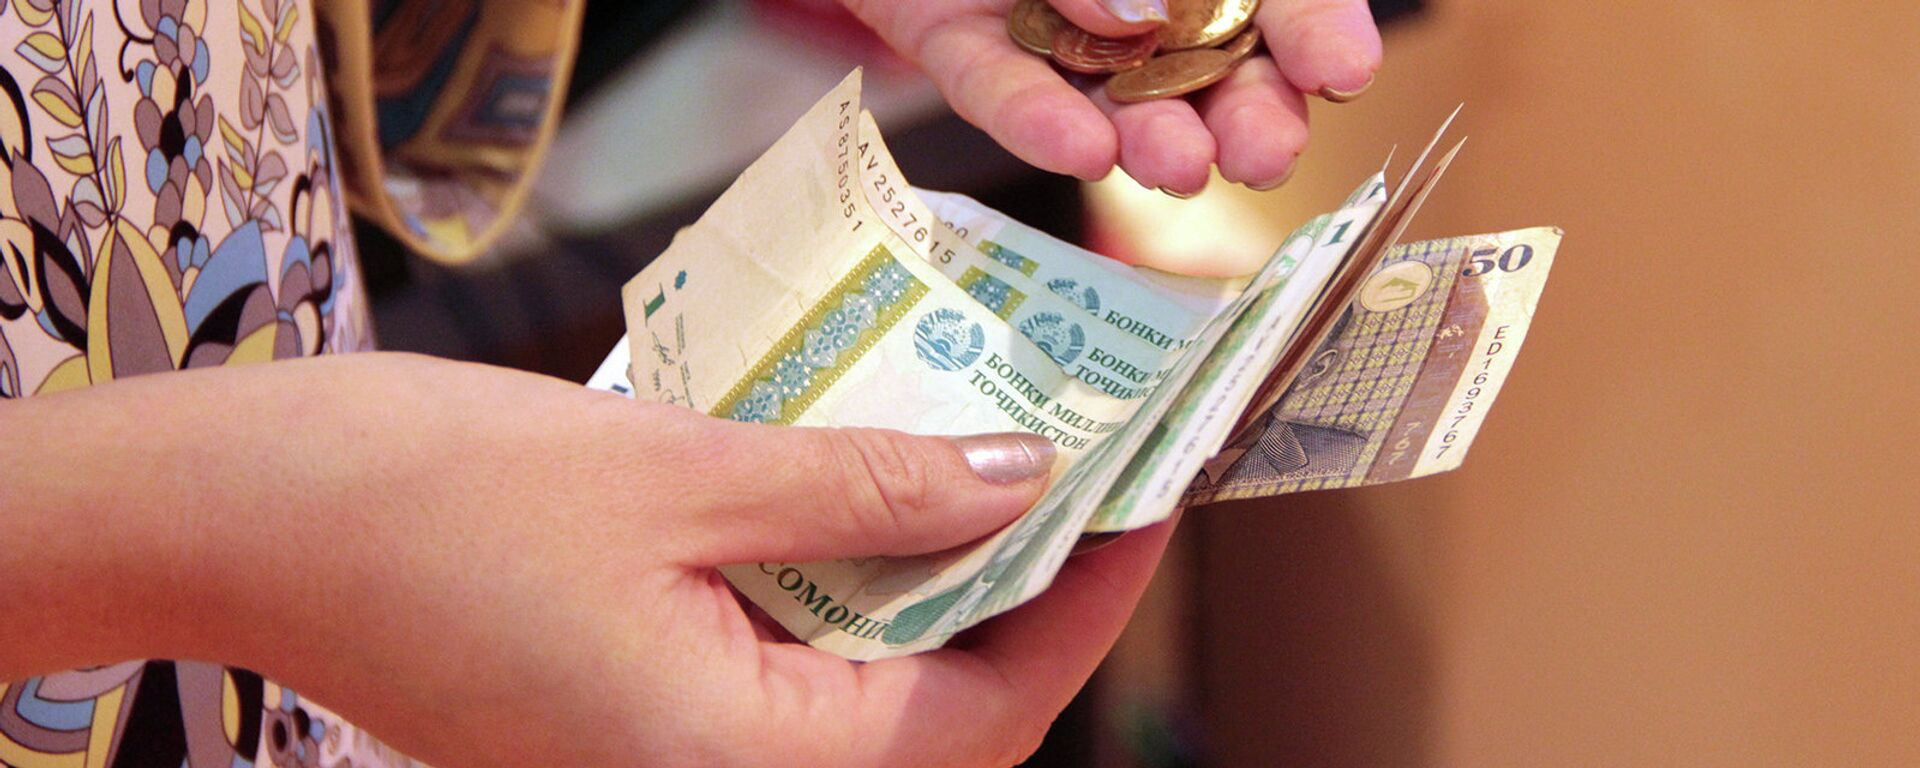 Подсчет денег, архивное фото - Sputnik Тоҷикистон, 1920, 04.01.2021